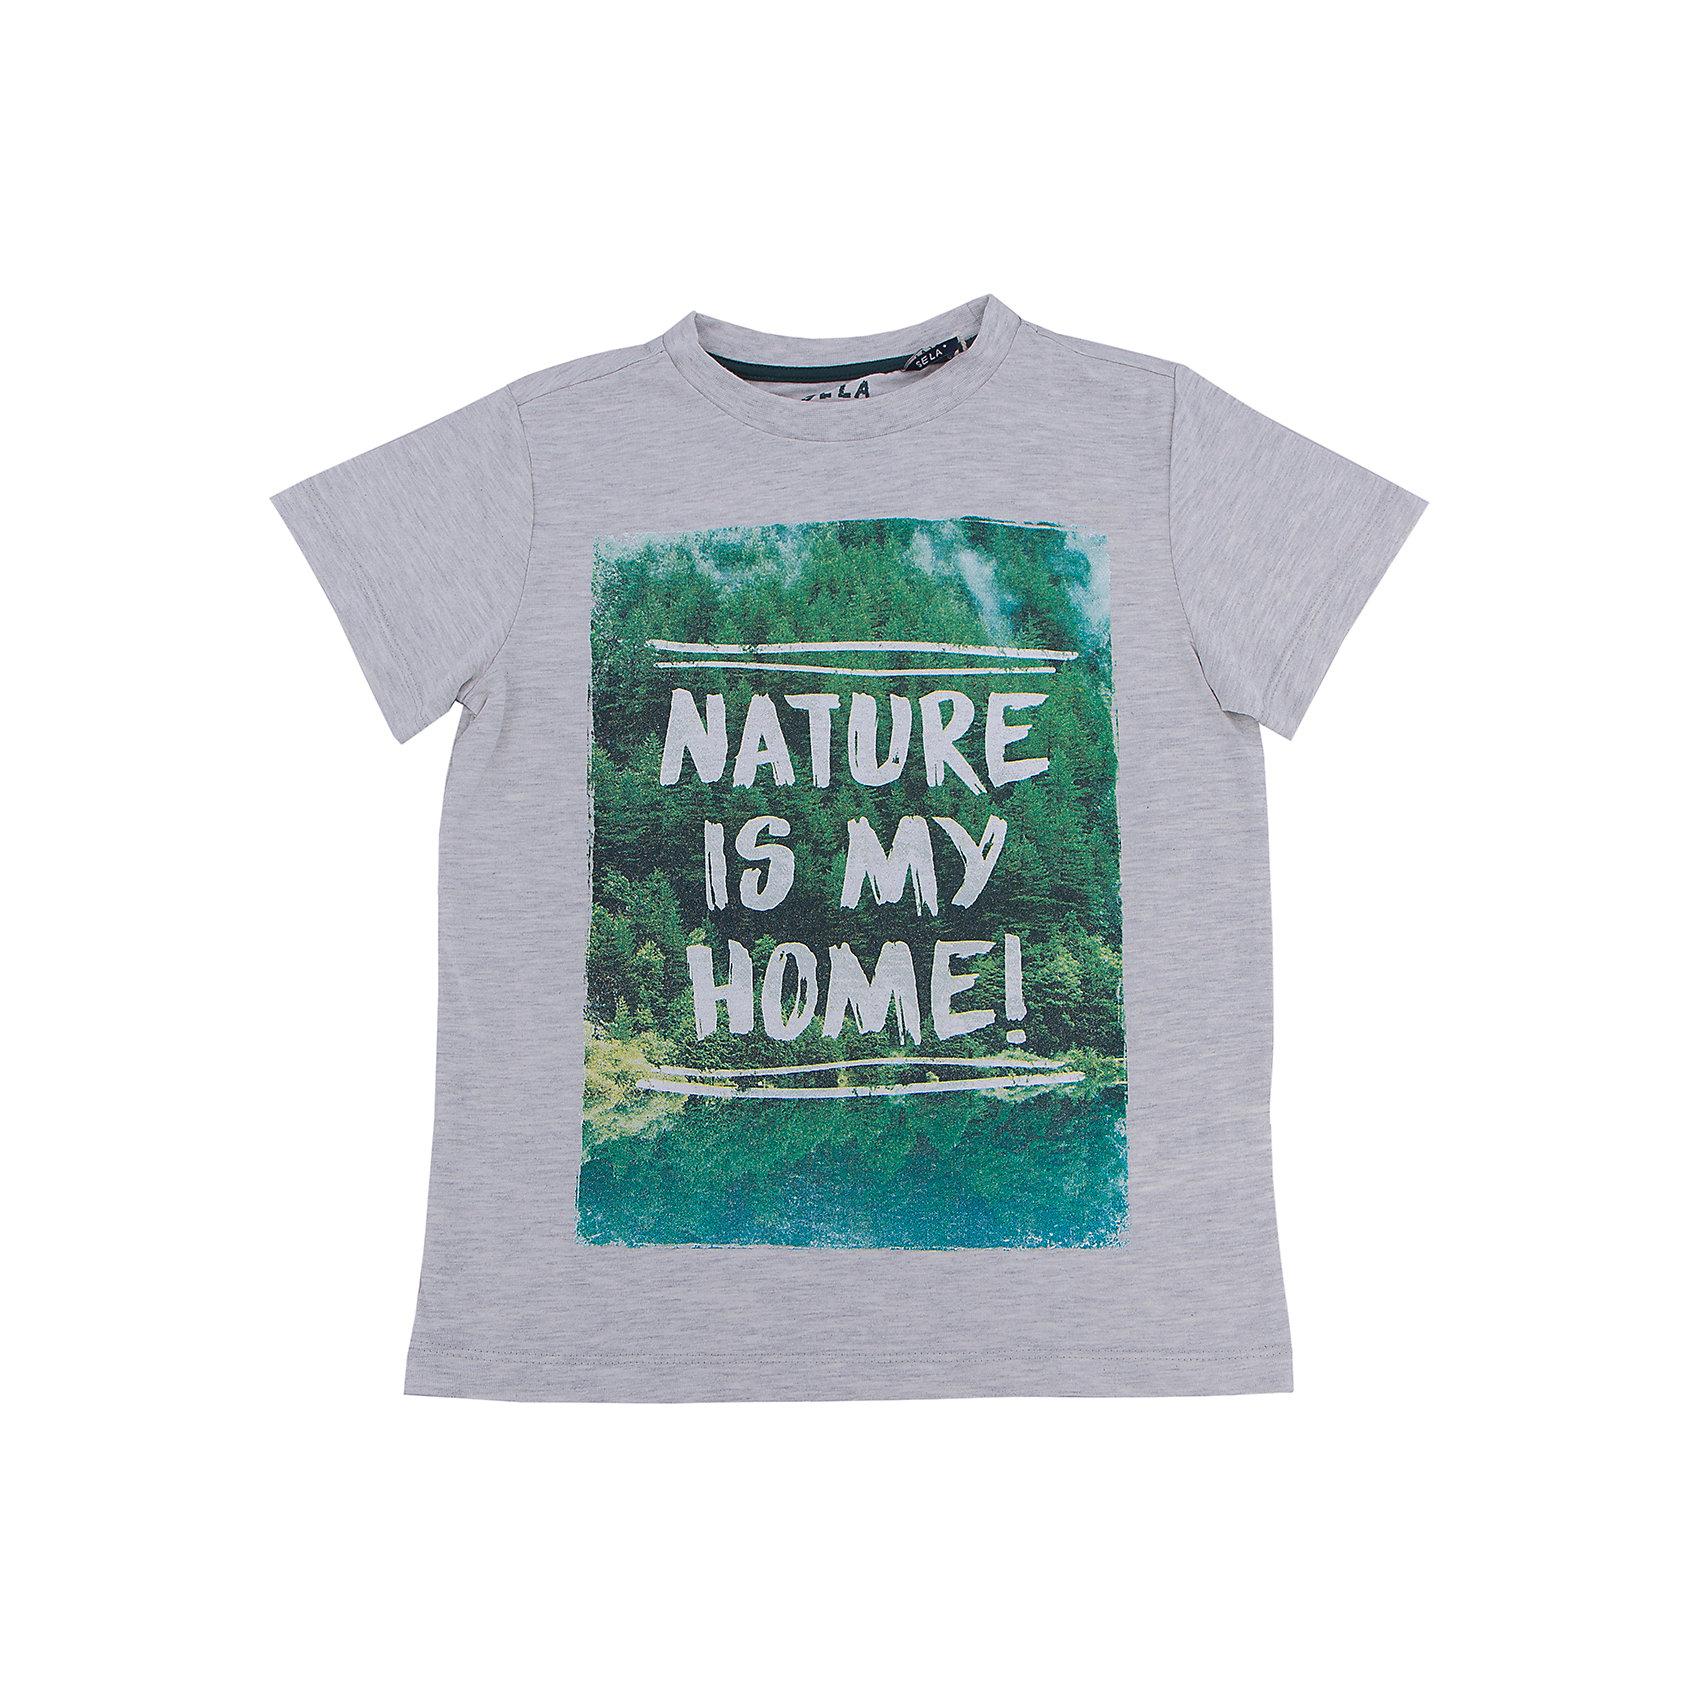 Футболка для мальчика SELAУдобная одежда - неотъемлемая составляющая комфорта ребенка. Эта модель отлично сидит на детях, она сшита из приятного на ощупь материала, мягкая и дышащая. Натуральный хлопок в составе ткани не вызывает аллергии и обеспечивает ребенку комфорт. Модель станет отличной базовой вещью, которая будет уместна в различных сочетаниях.<br>Одежда от бренда Sela (Села) - это качество по приемлемым ценам. Многие российские родители уже оценили преимущества продукции этой компании и всё чаще приобретают одежду и аксессуары Sela.<br><br>Дополнительная информация:<br><br>принт;<br>материал: 60% хлопок, 40% ПЭ;<br>короткий рукав;<br>трикотаж.<br><br>Футболку для мальчика от бренда Sela можно купить в нашем интернет-магазине.<br><br>Ширина мм: 199<br>Глубина мм: 10<br>Высота мм: 161<br>Вес г: 151<br>Цвет: серый<br>Возраст от месяцев: 108<br>Возраст до месяцев: 120<br>Пол: Мужской<br>Возраст: Детский<br>Размер: 140,128,134,146,152,116,122<br>SKU: 5008273